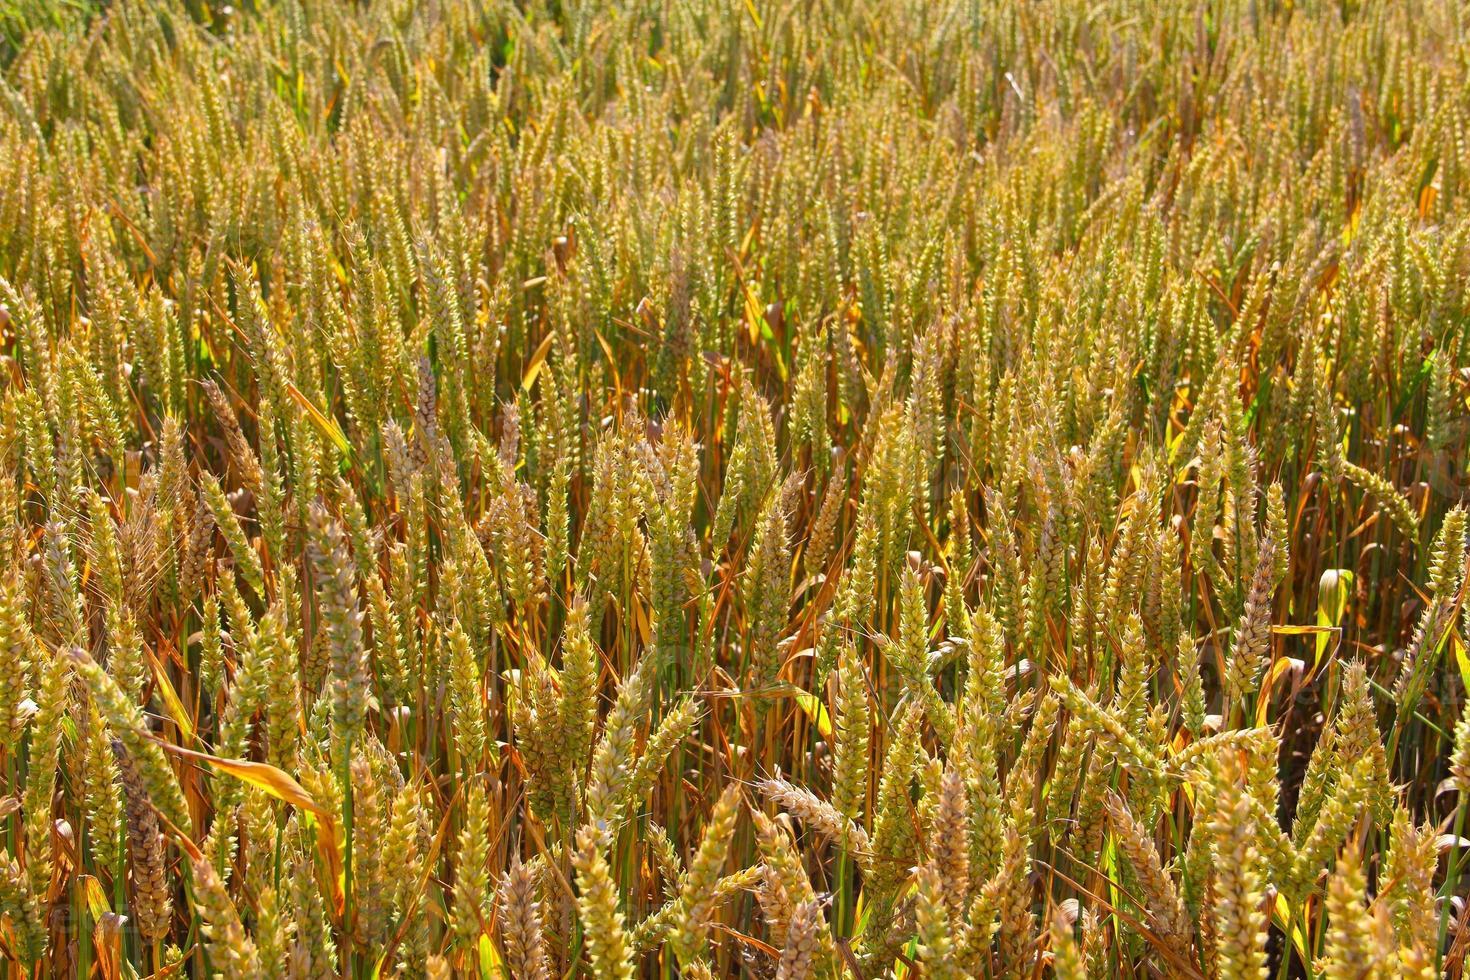 vete fält närbild foto